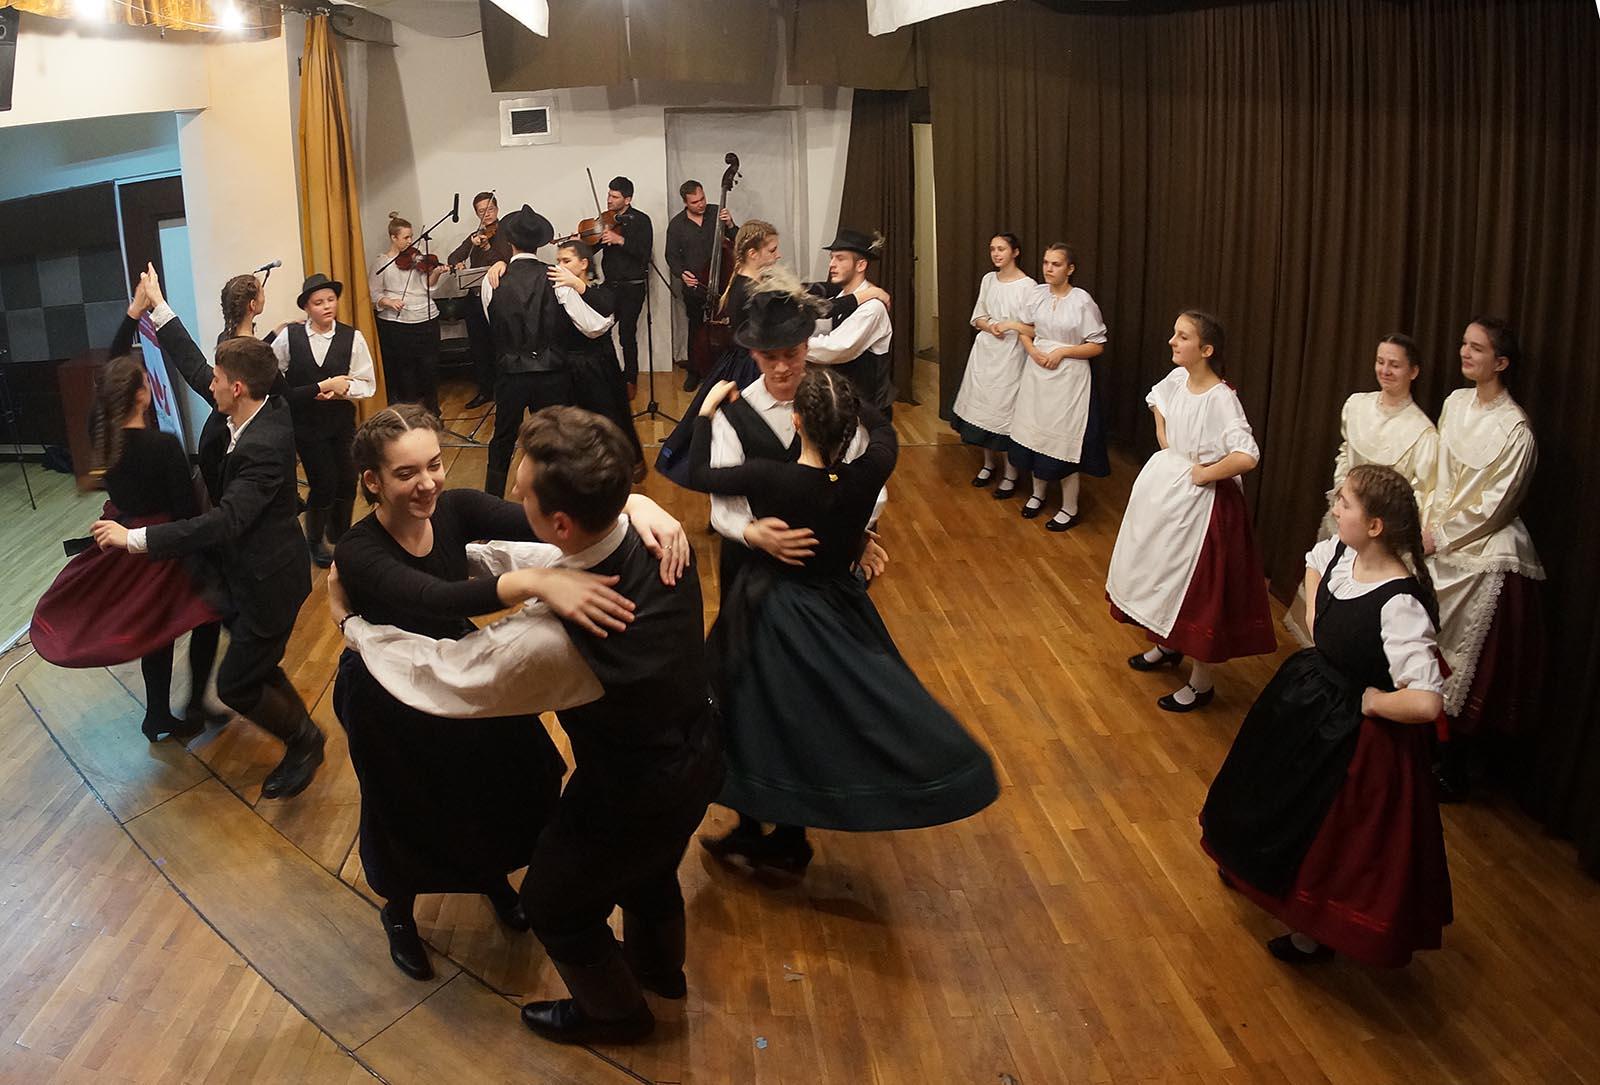 Madjarski Narodni Plesovi Iz Baranje (14)